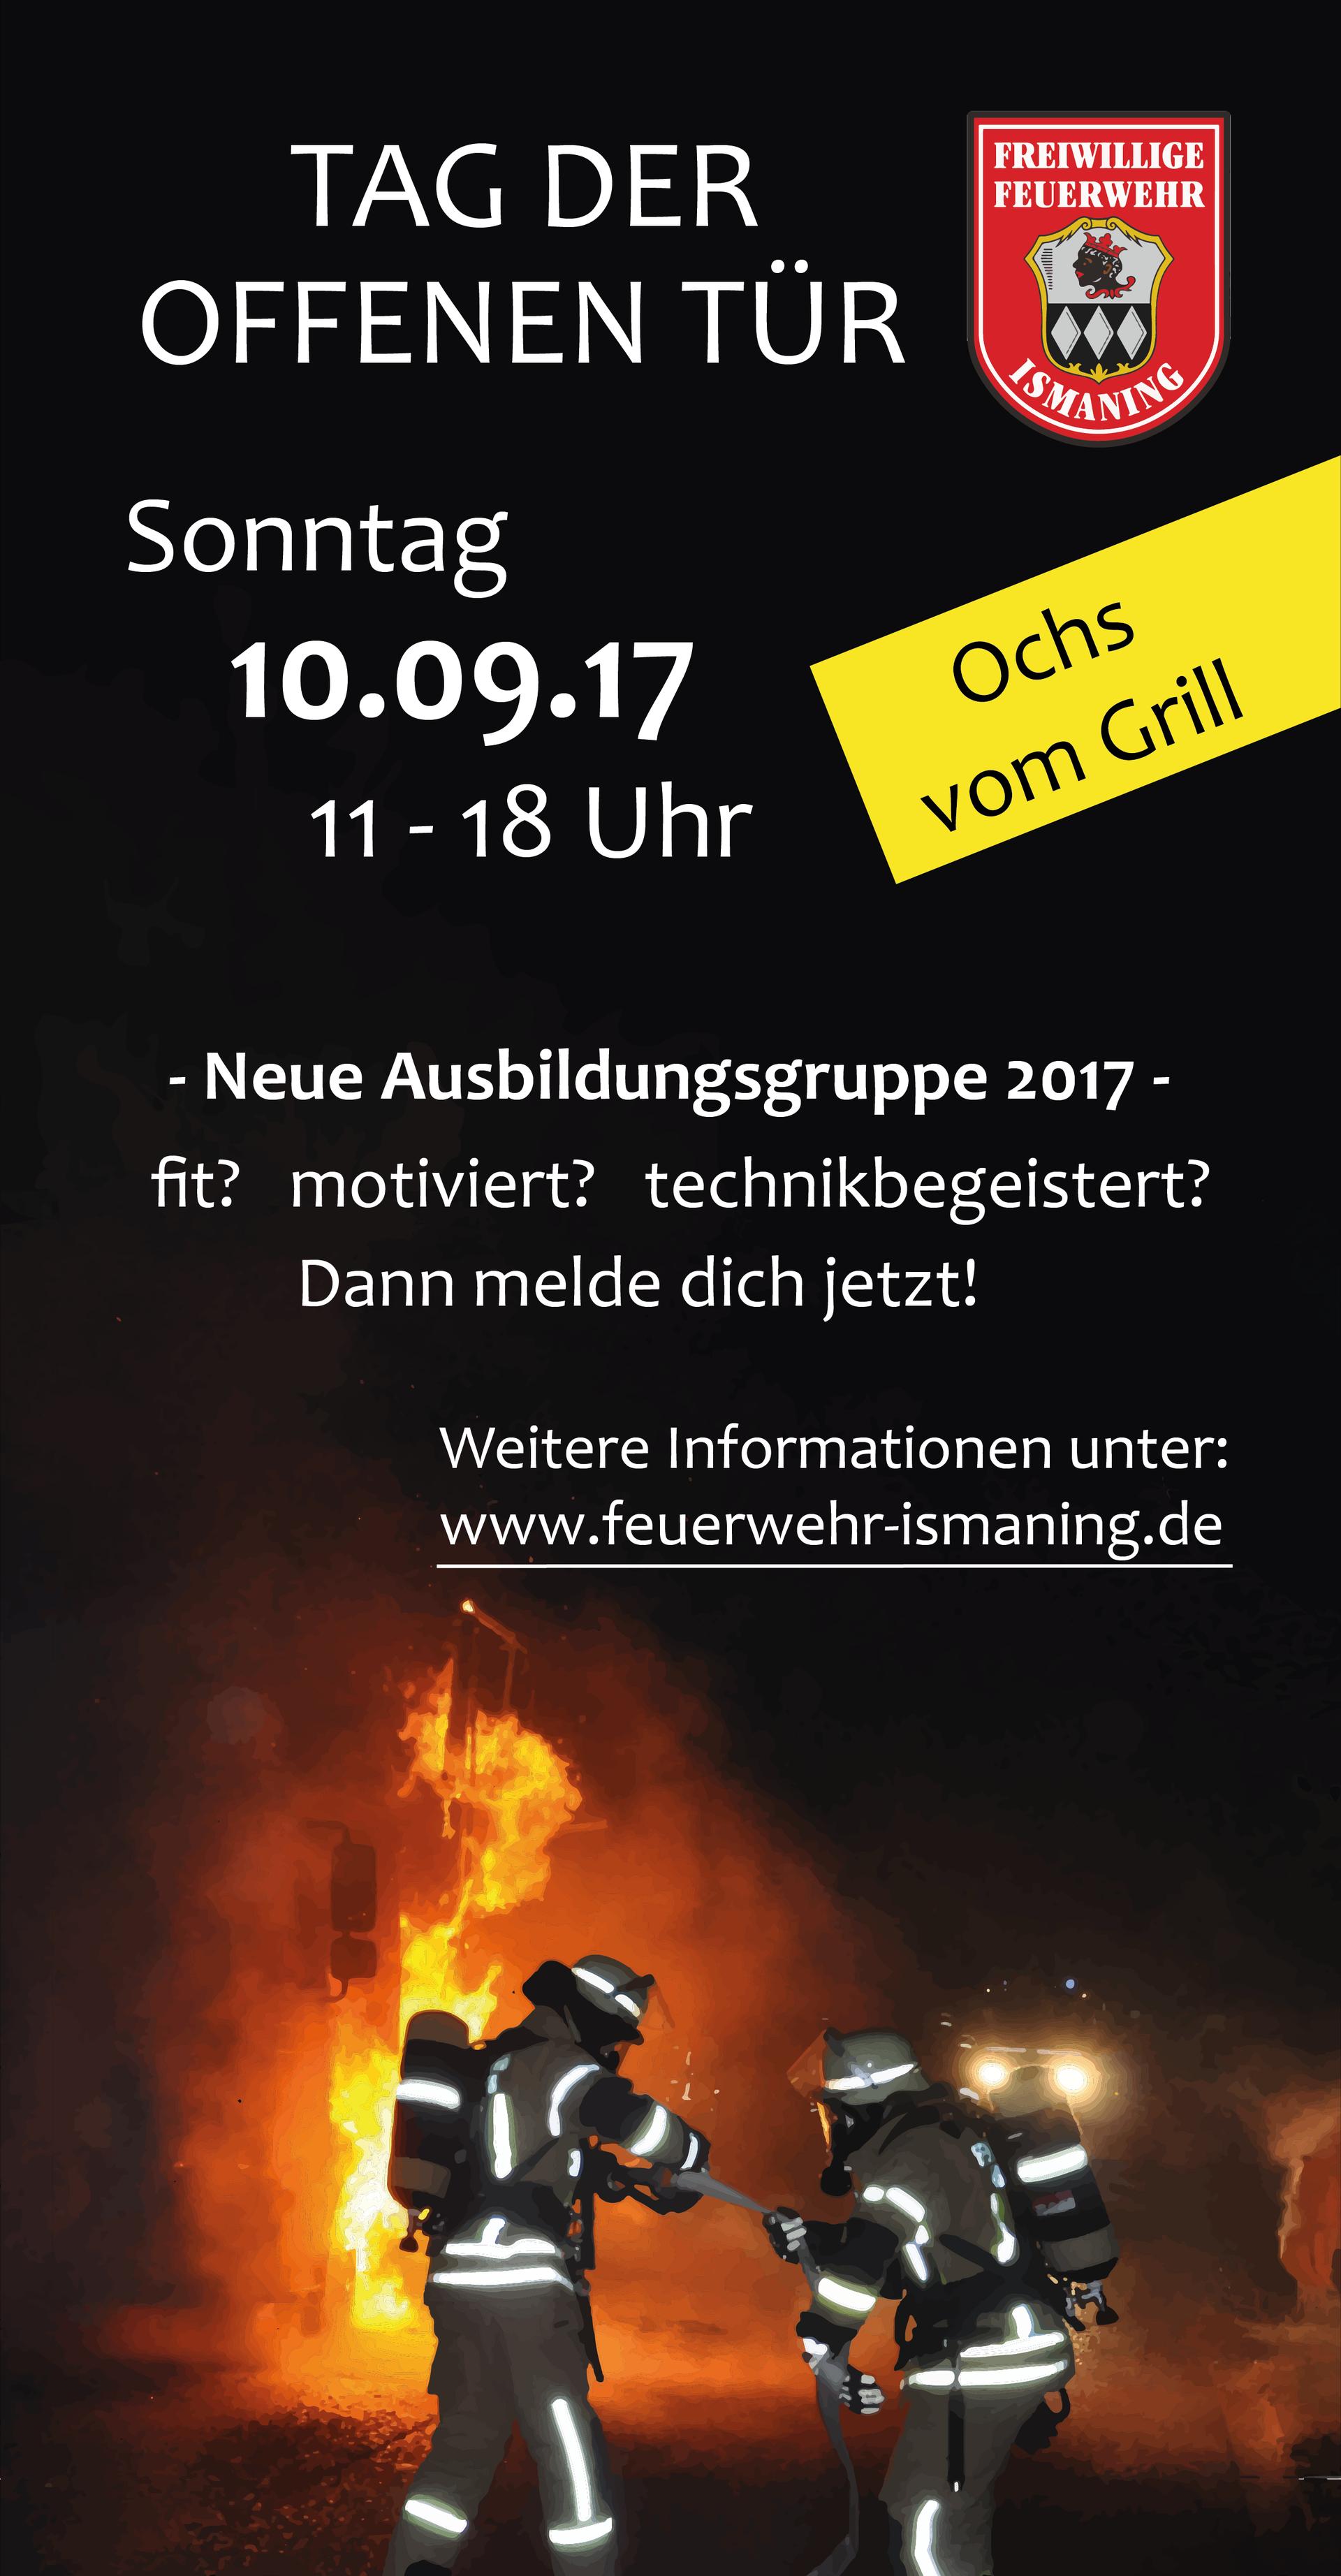 Tag der offenen tür 2017  Freiwillige Feuerwehr Ismaning - Tag der offenen Tür 2017